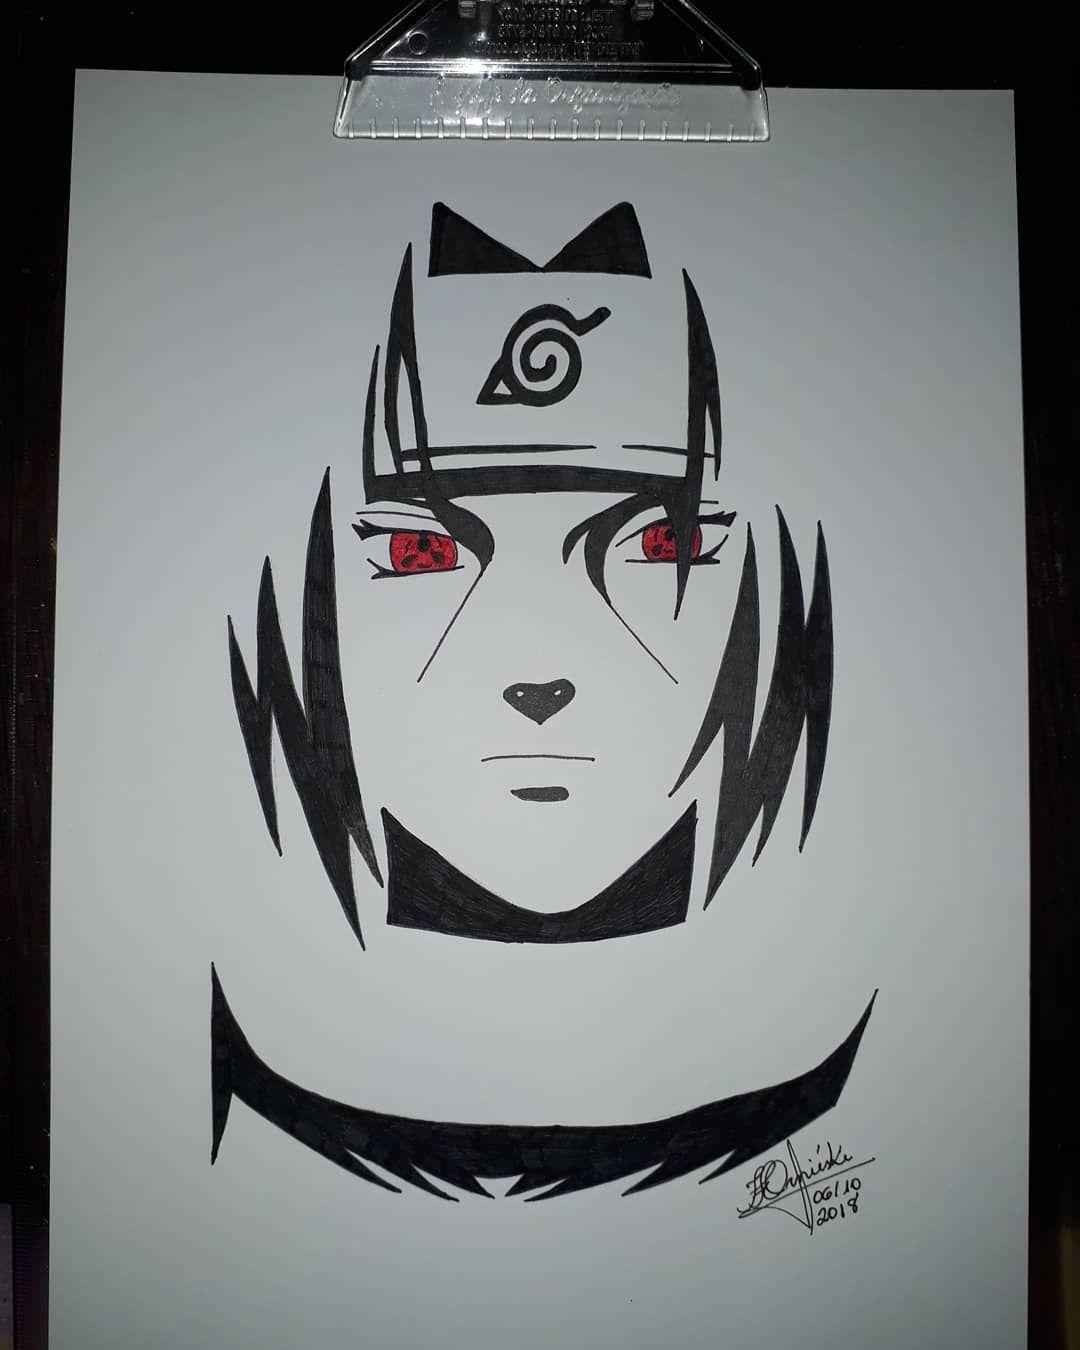 Uchiha Itachi Blackandwithe Naruto Itachiuchiha Uchiha Faartebrasil Faart Itachi Uchiha Art Naruto Sketch Drawing Naruto Sketch